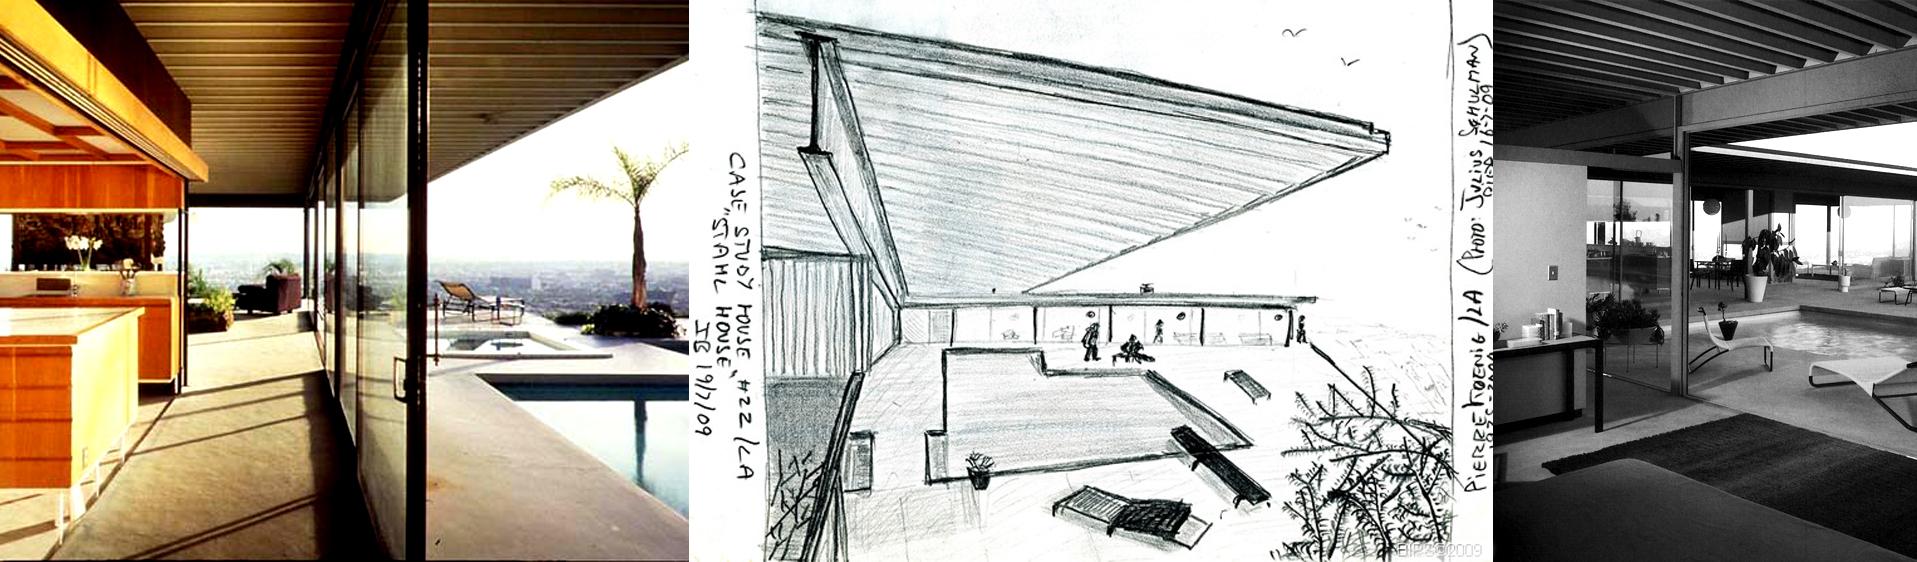 arquitectura-america-csh22-07